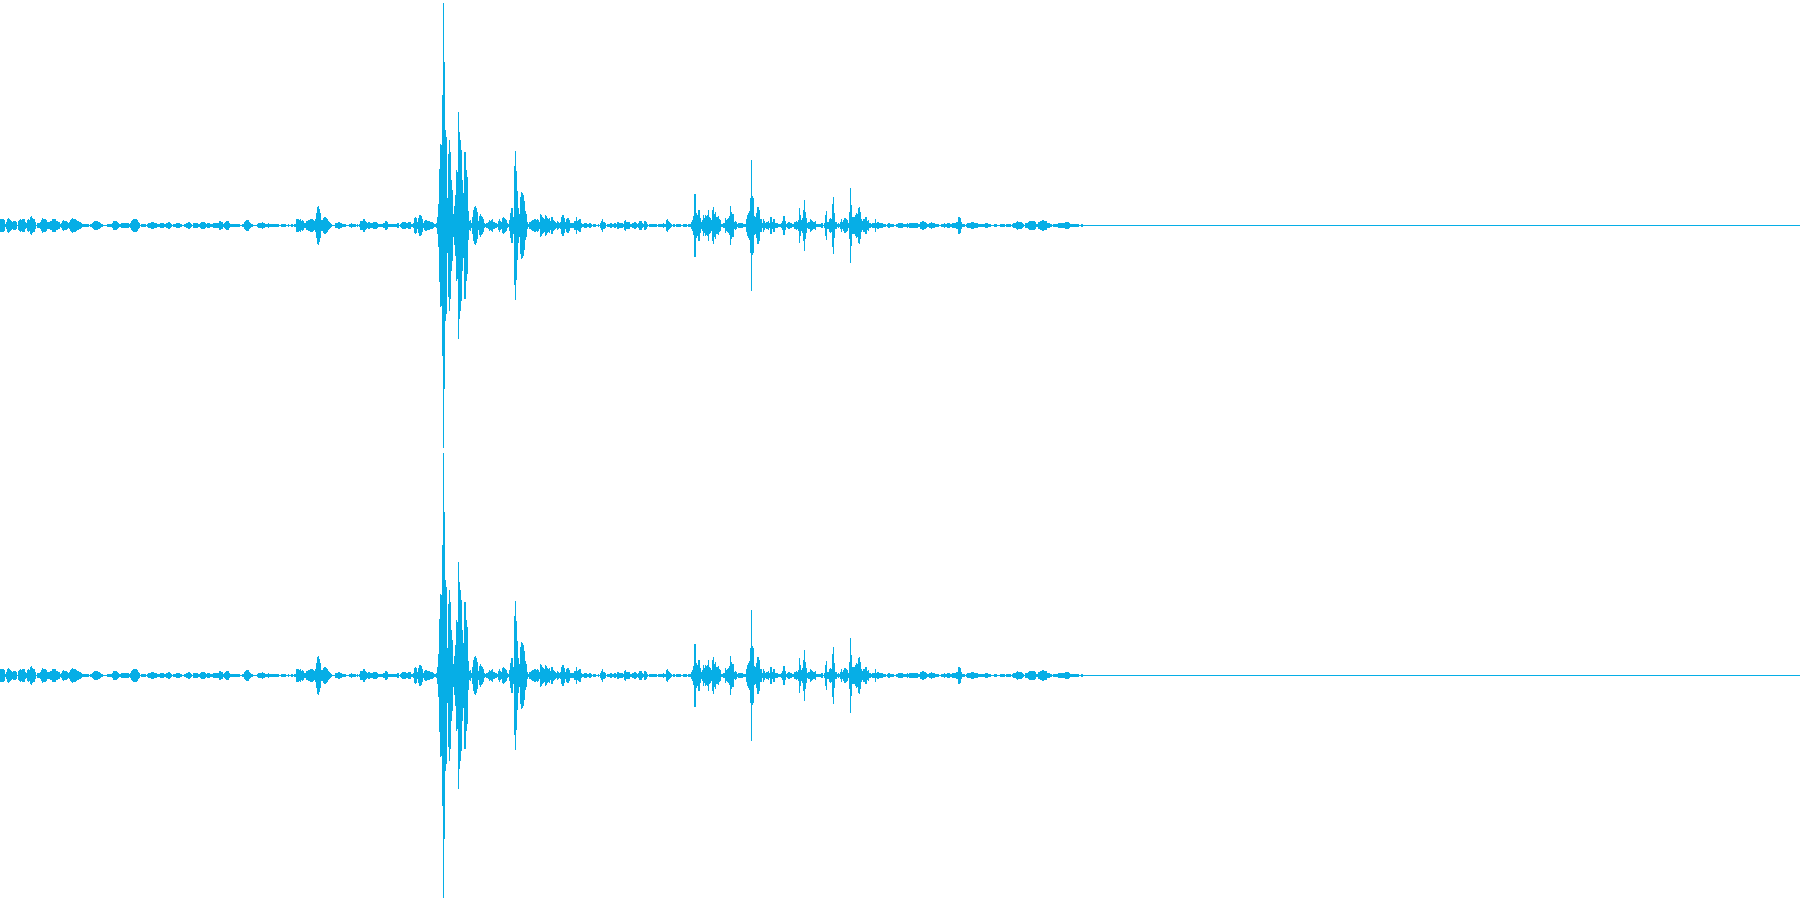 飲み込む音です。の再生済みの波形